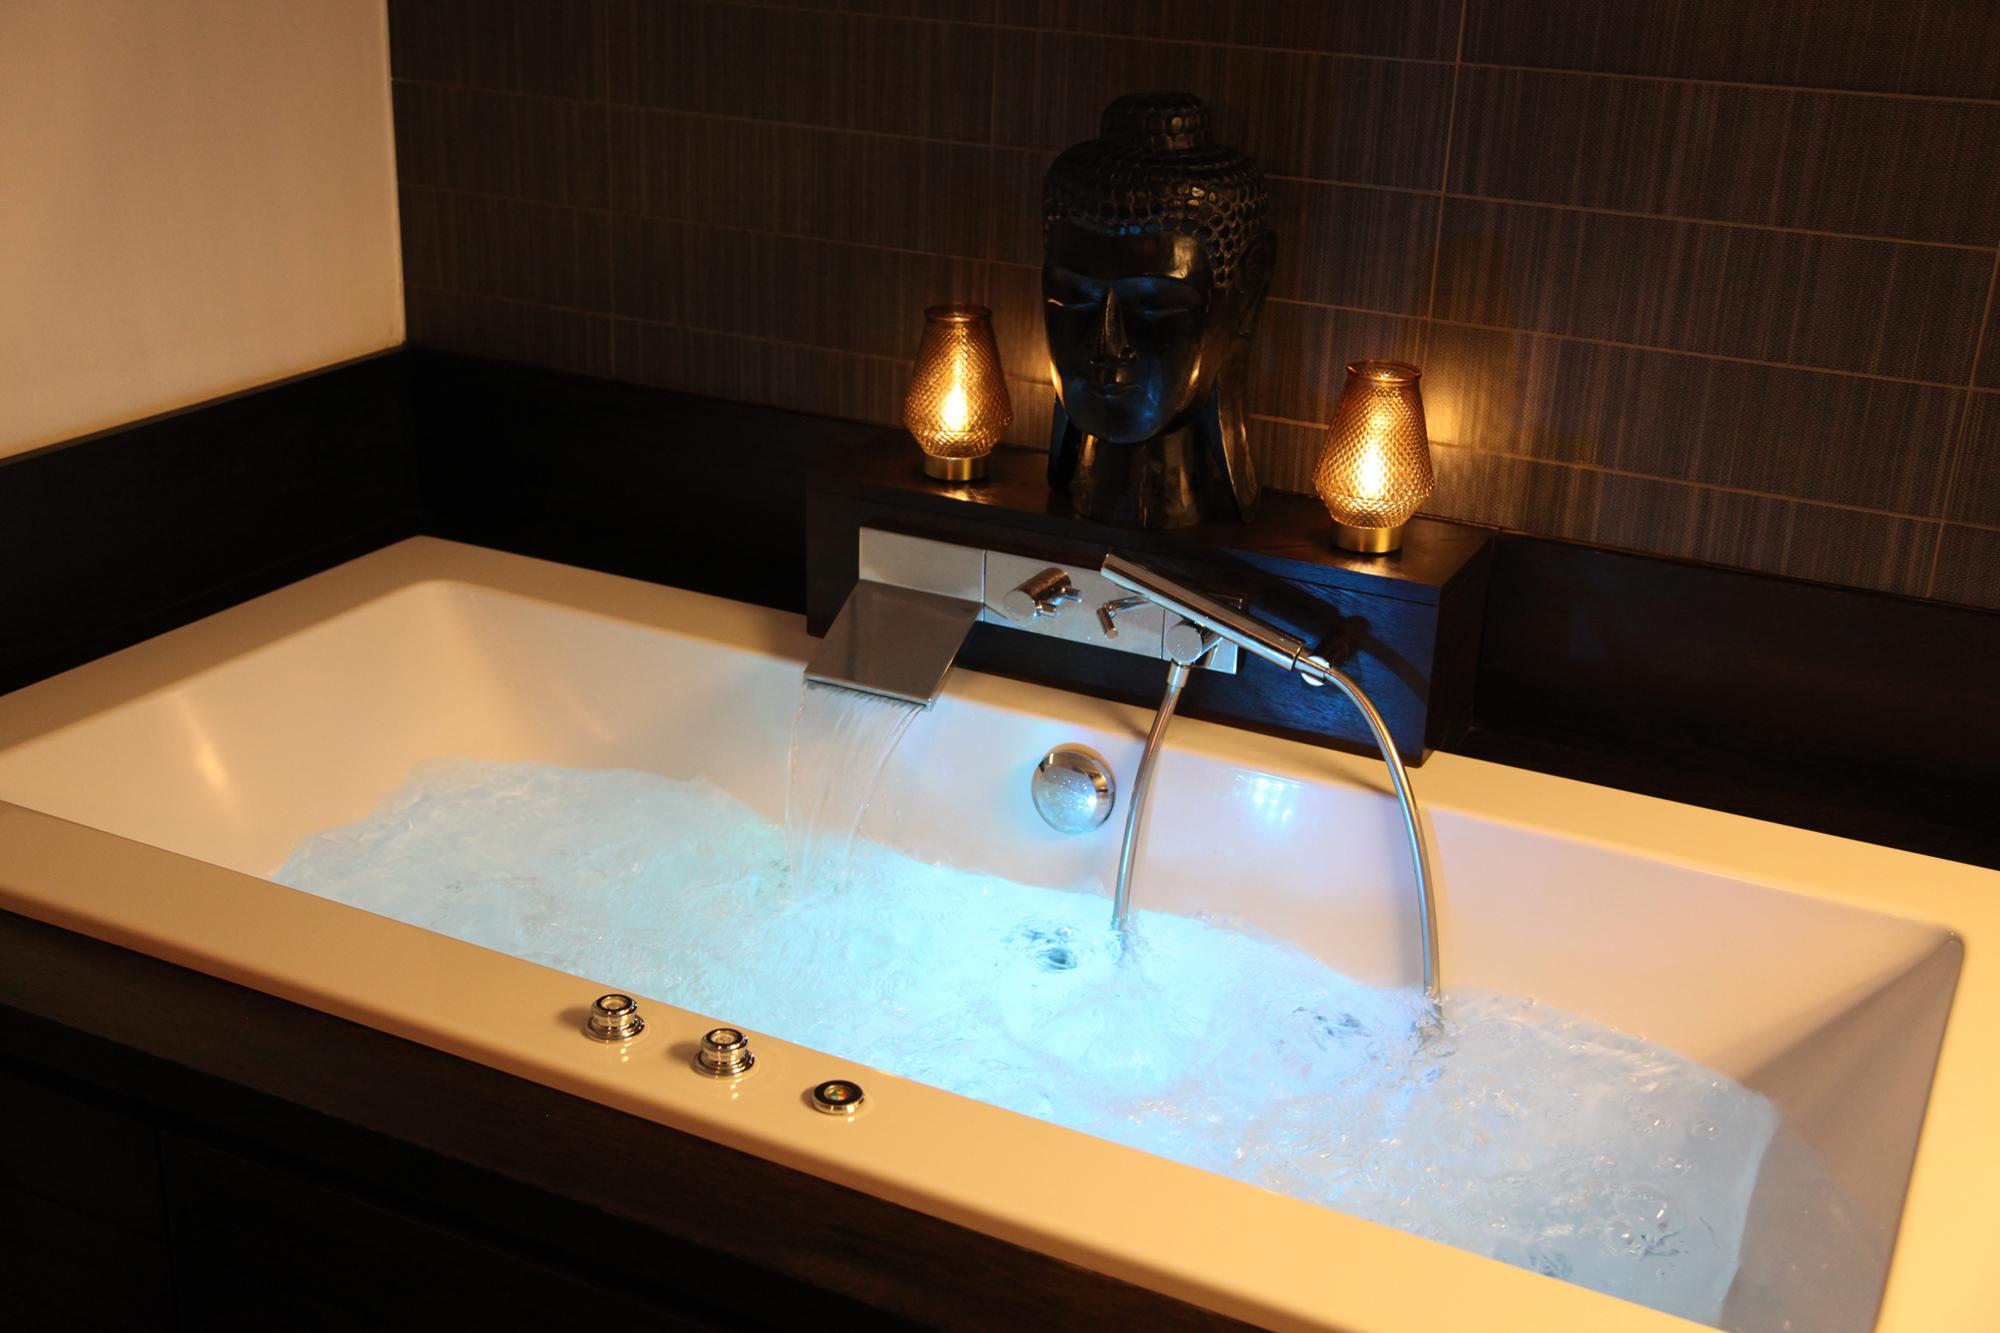 Bathroom Salle De Bain the bathroom | le 19 gîte urbain namur